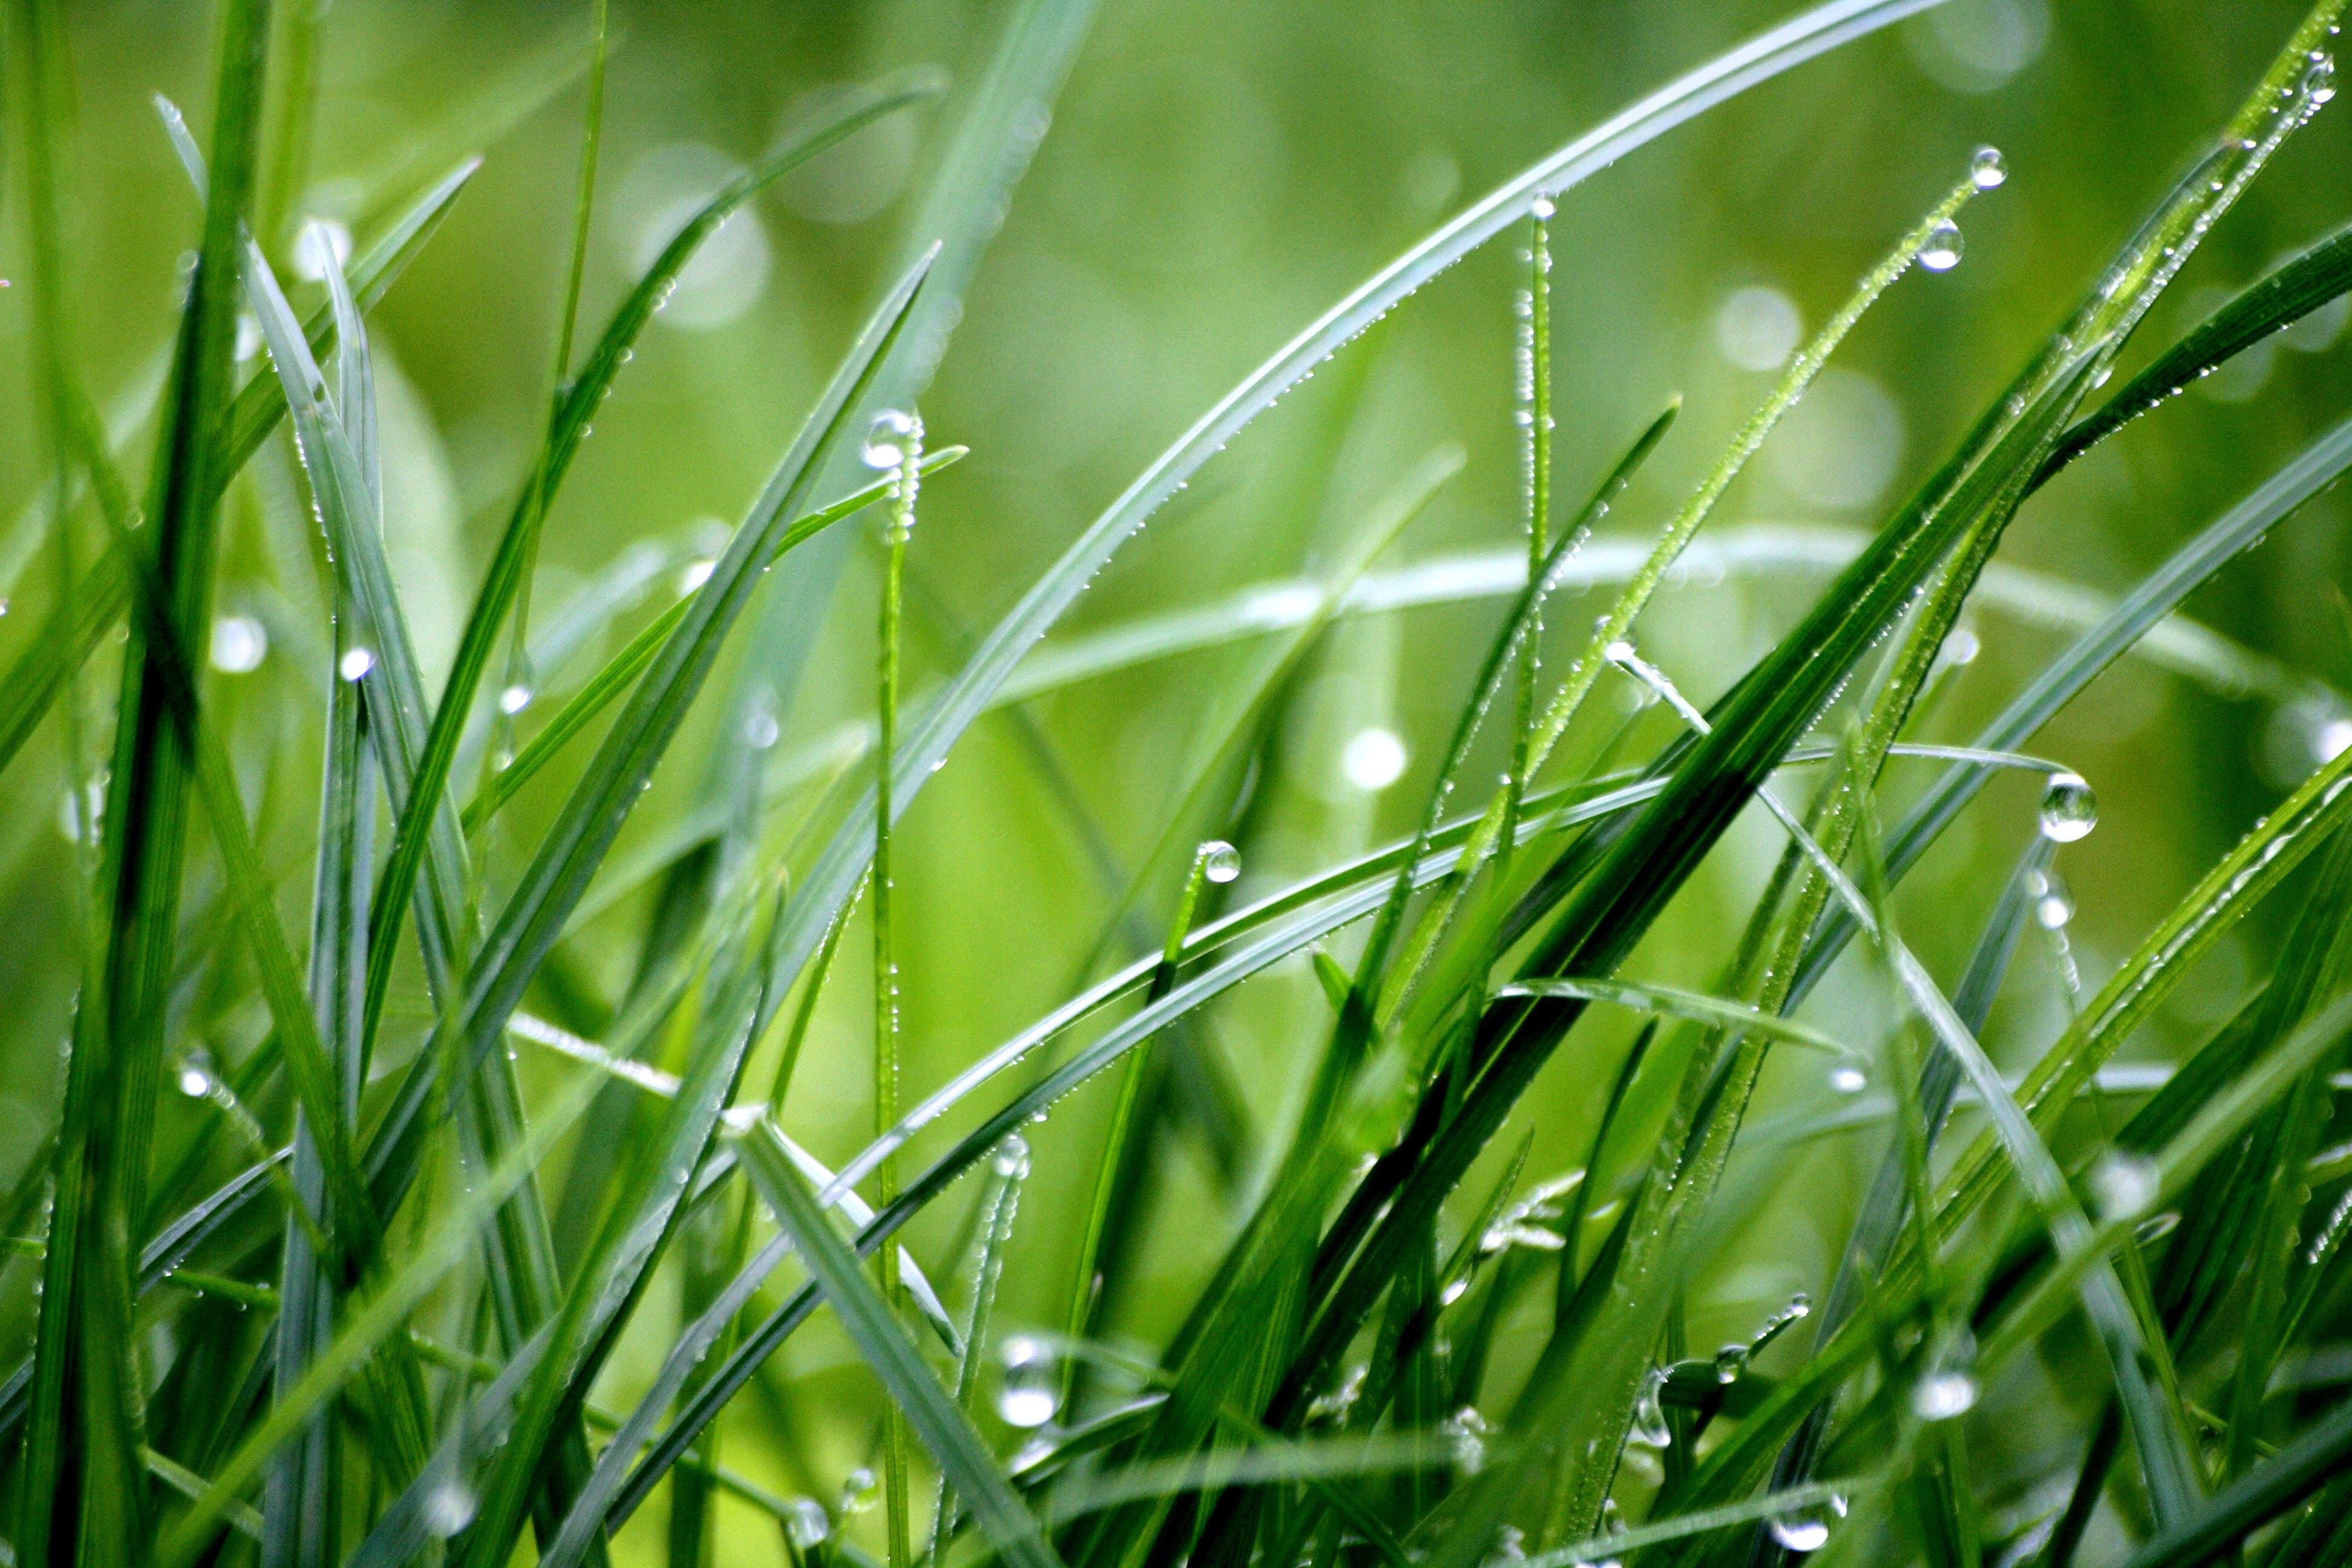 Ảnh lưu trữ miễn phí về cận cảnh, cây, cây xanh, cỏ